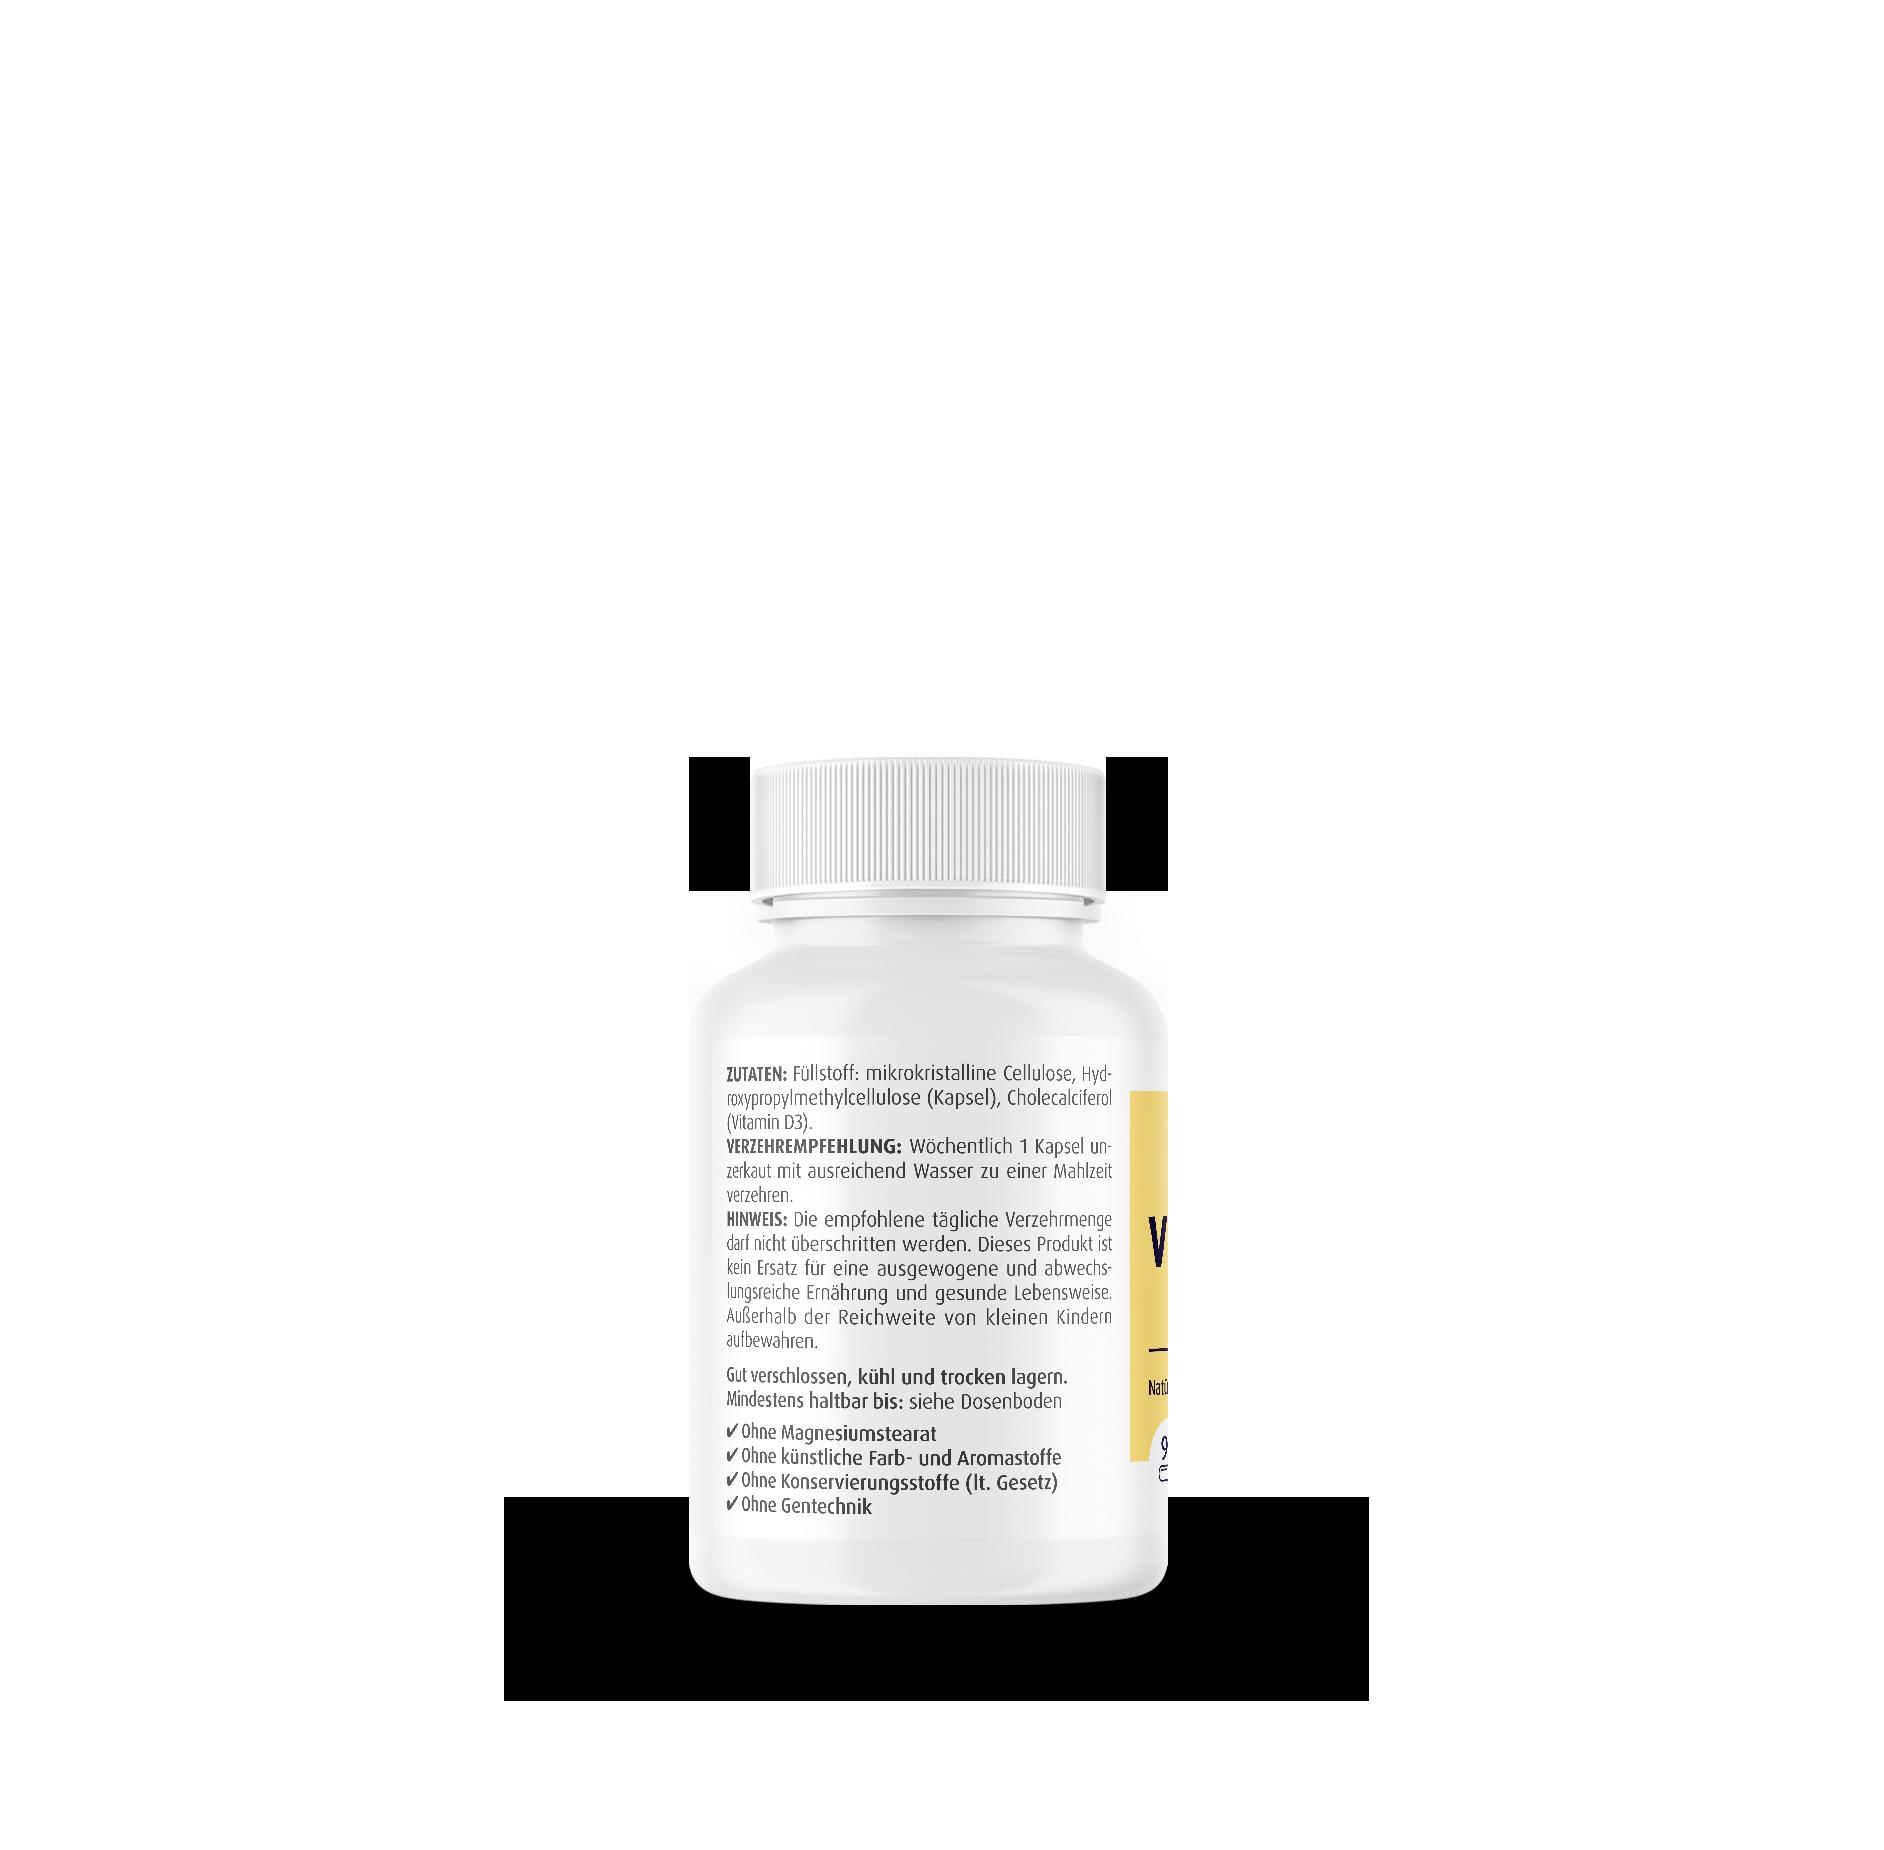 Vitamin D3 5000 I.E. Wochendepot